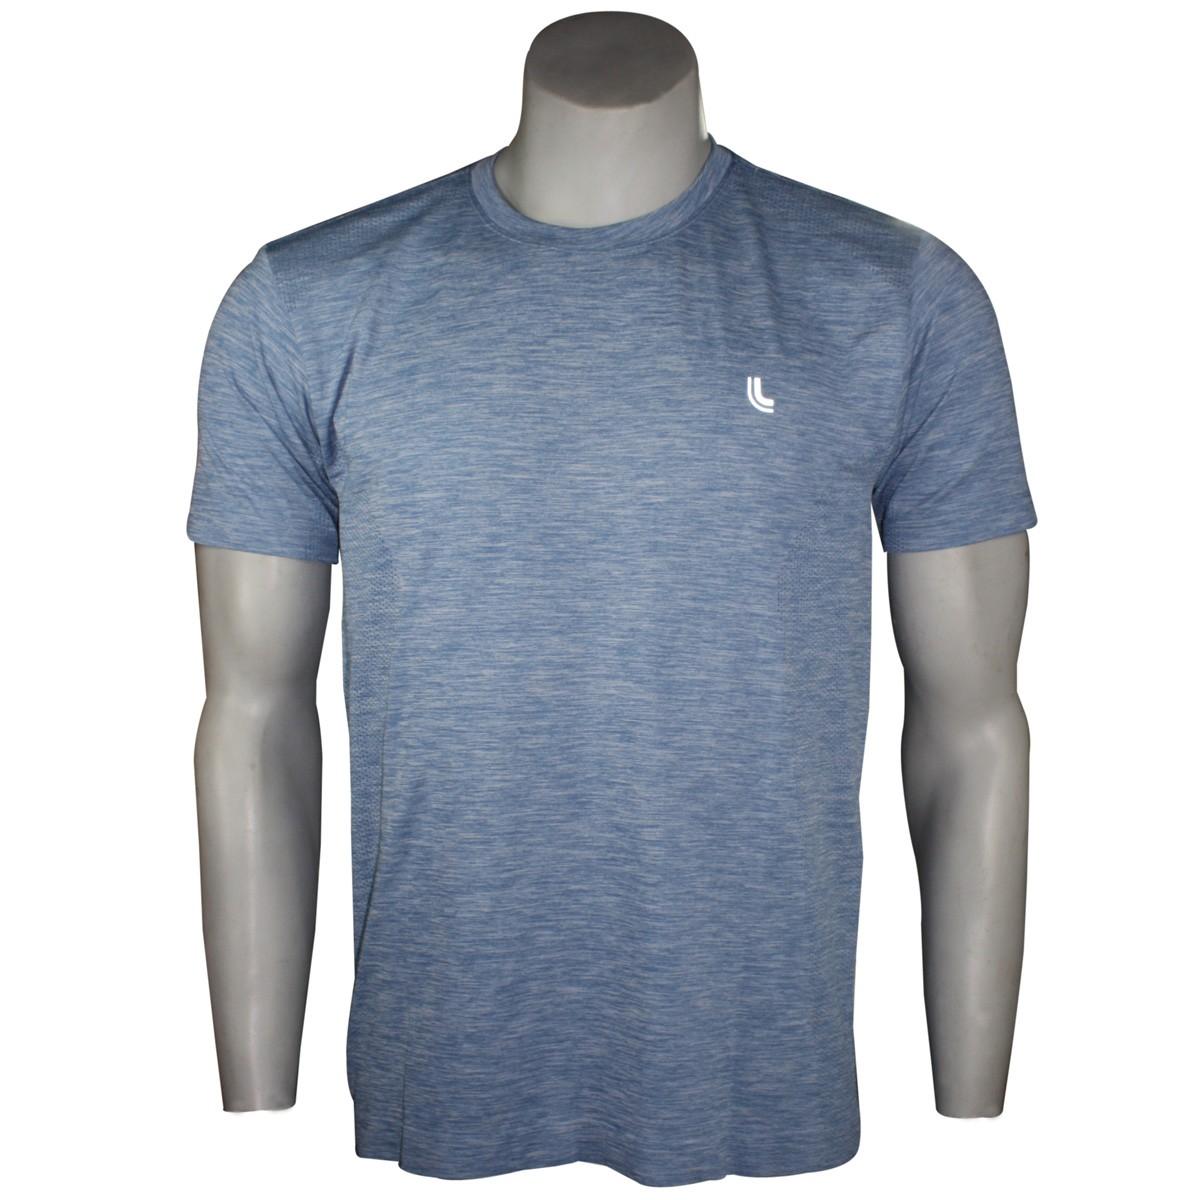 33a0adc8ef Camiseta Masculina Lupo Run Mescla 70653-0770 - Azul - Botas Online ...